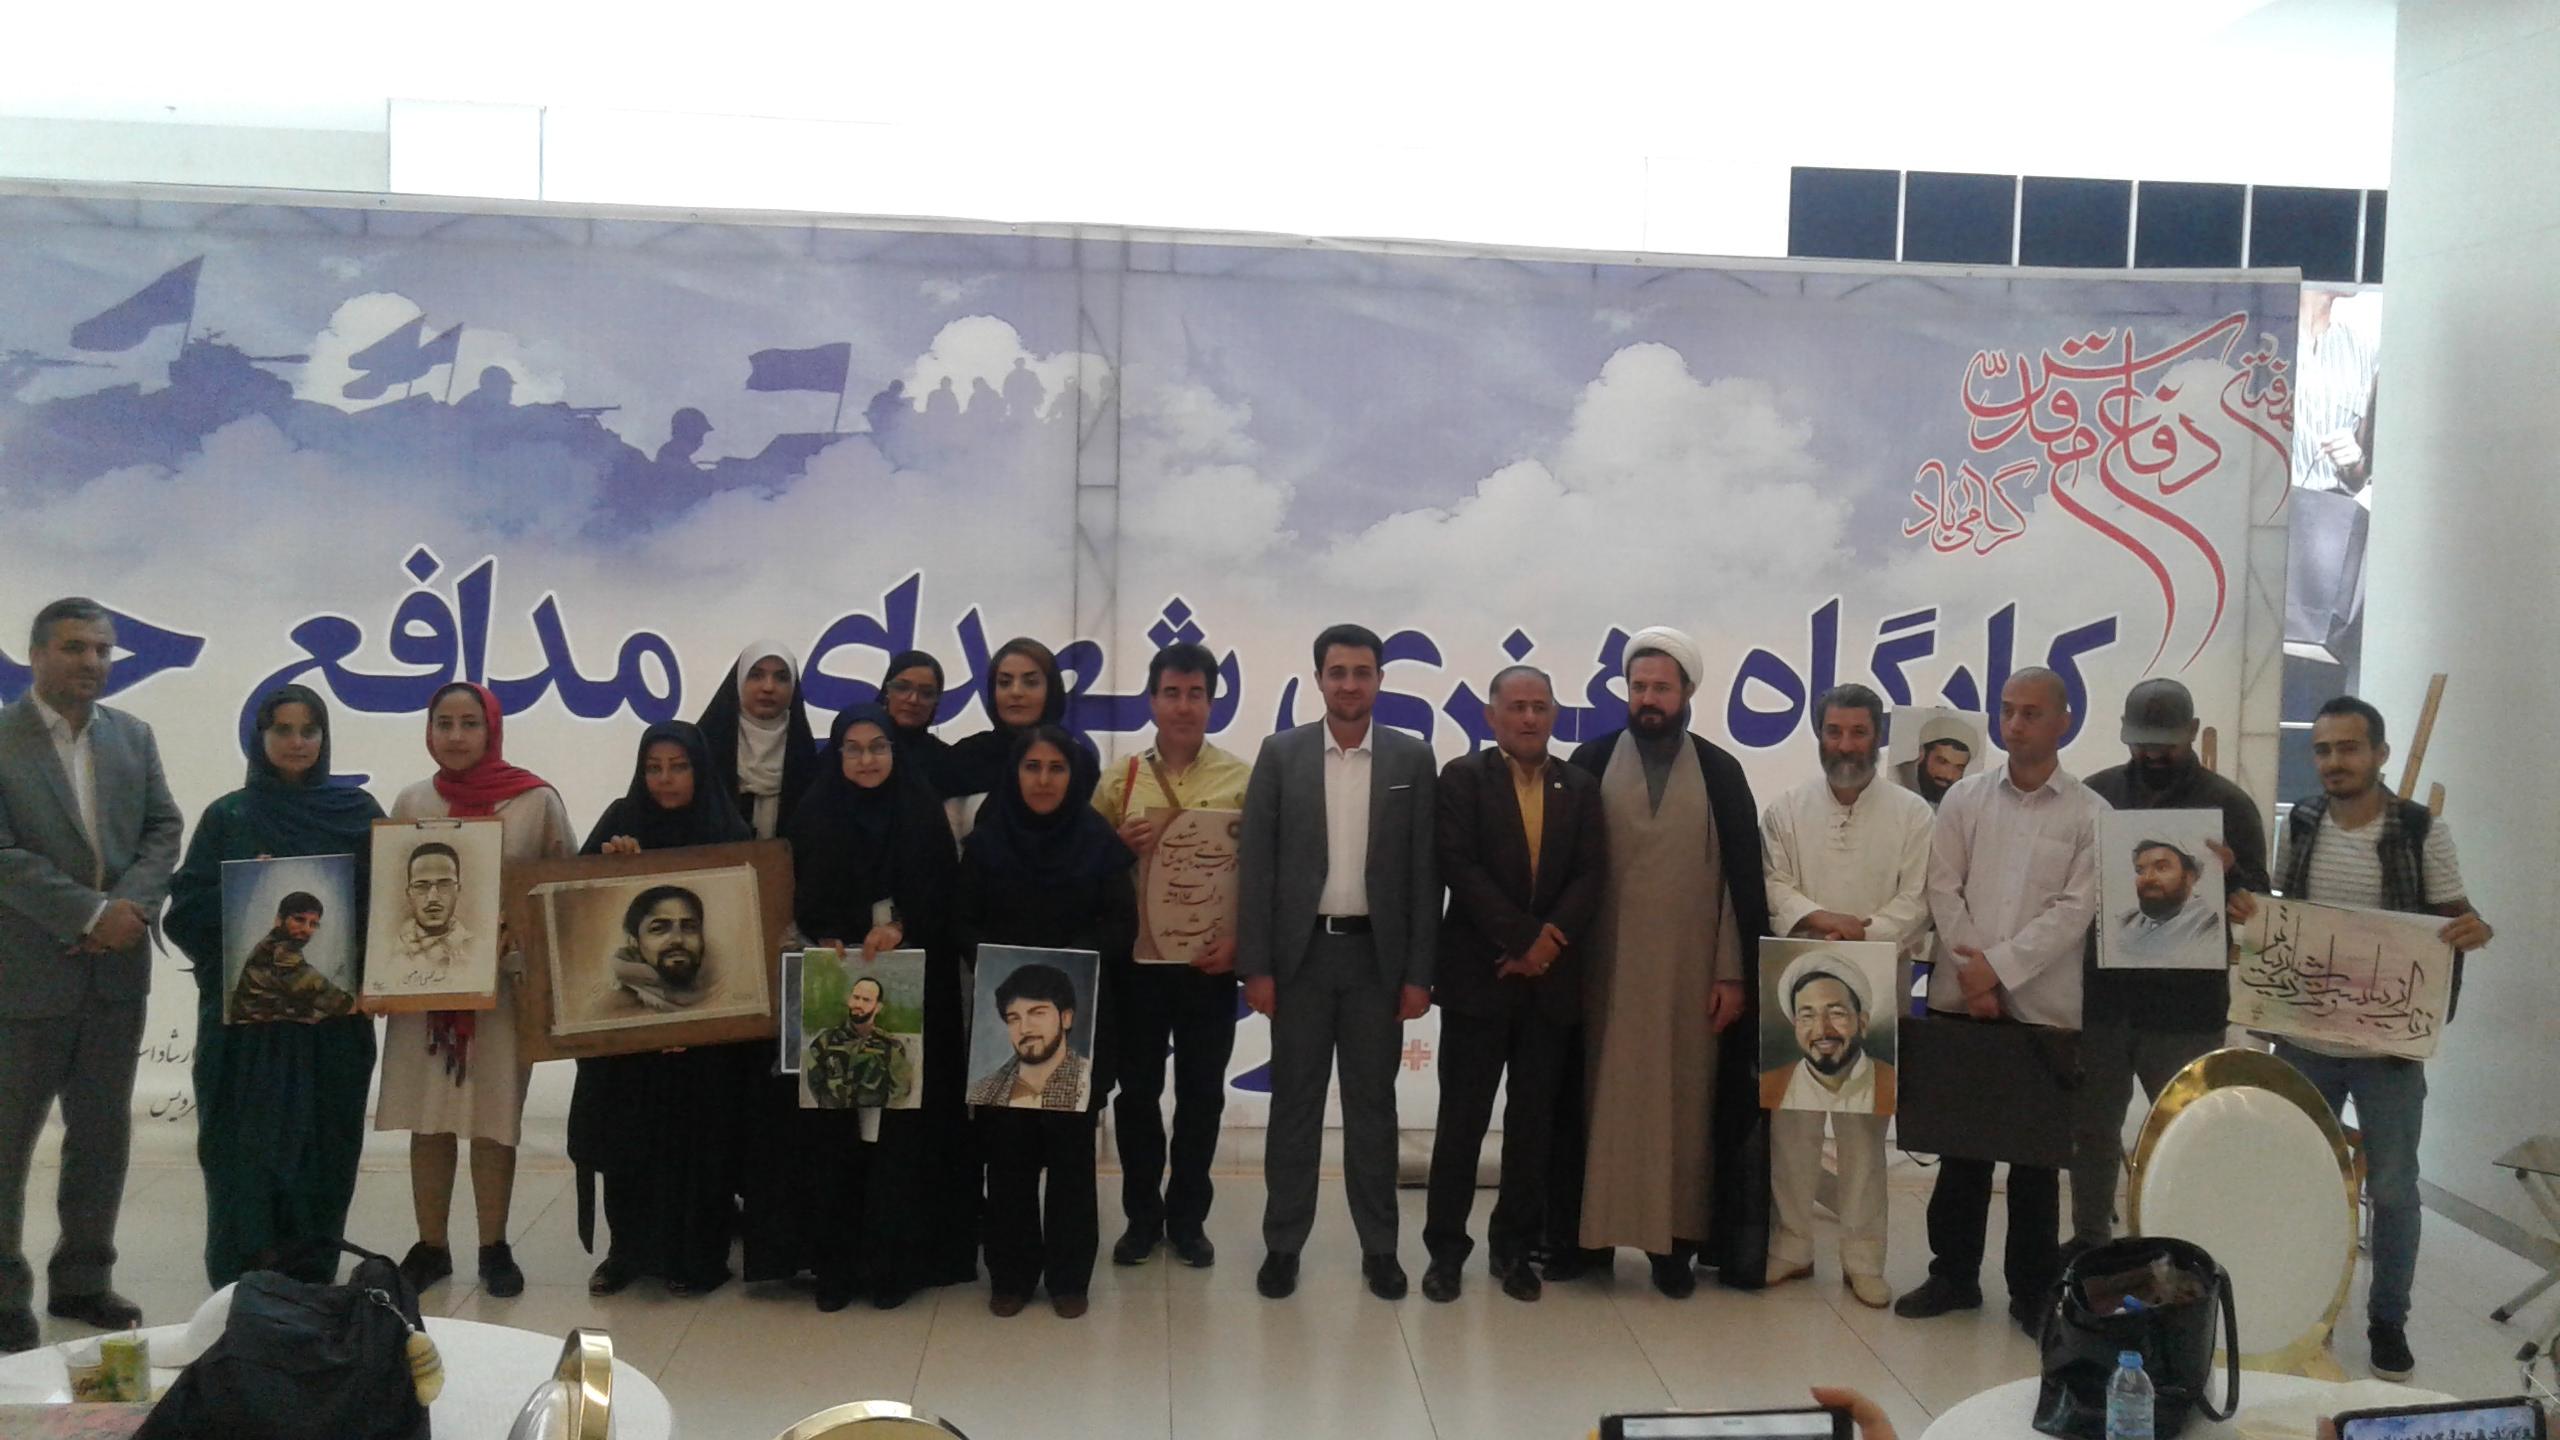 به همت هنرمندان شهرستان فردیس : «خروش رنگ ها» در پاسداشت مقام شهدای مدافع حرم+ تصاویر